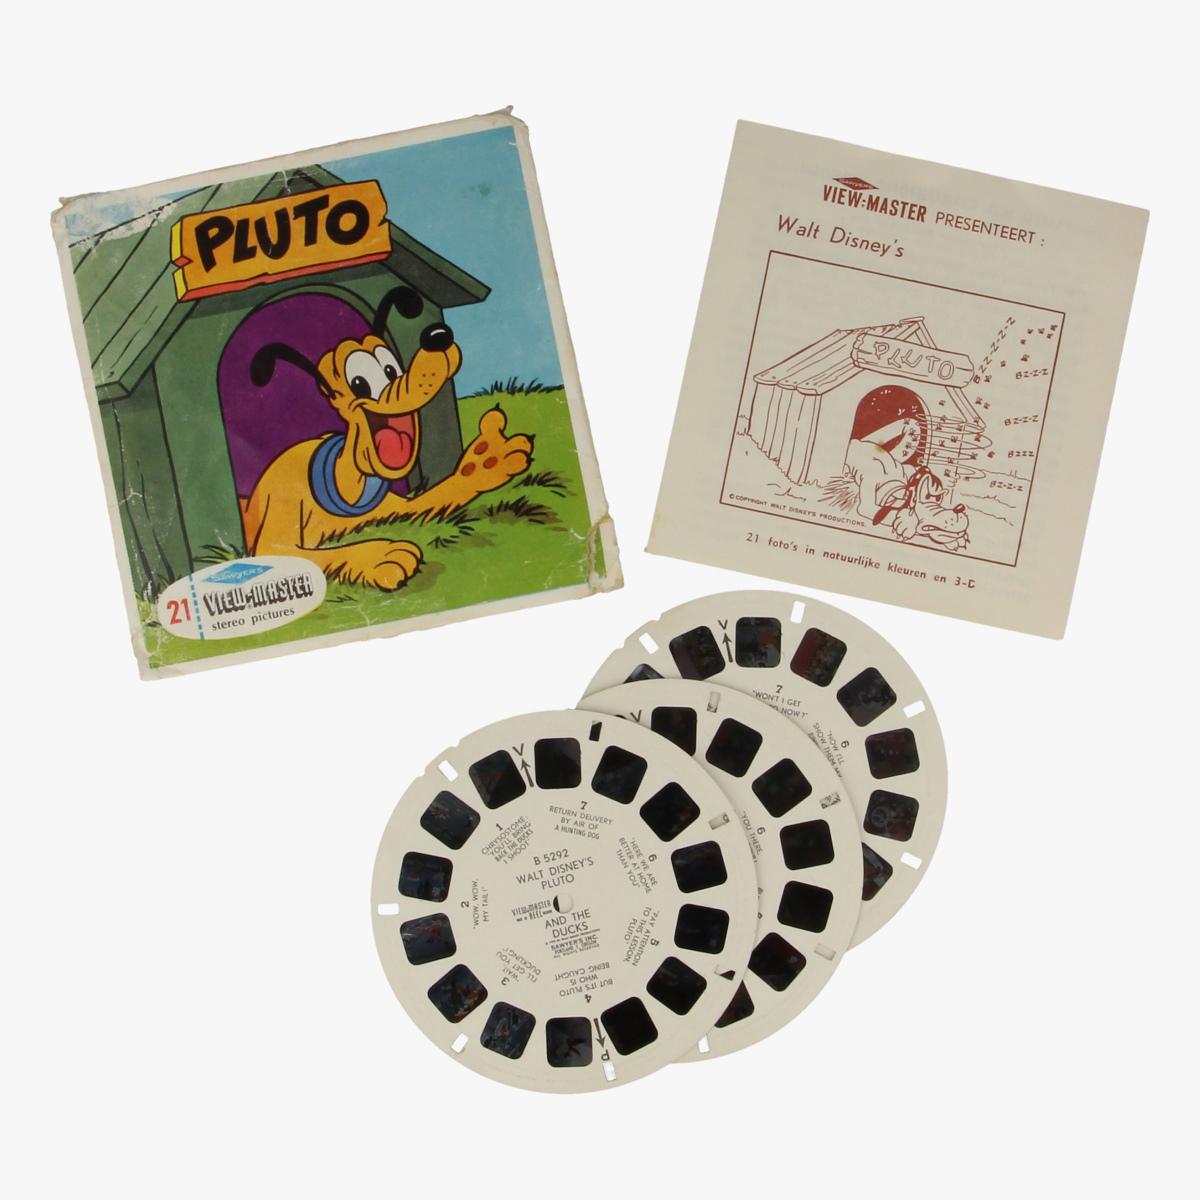 Afbeeldingen van View-master Pluto